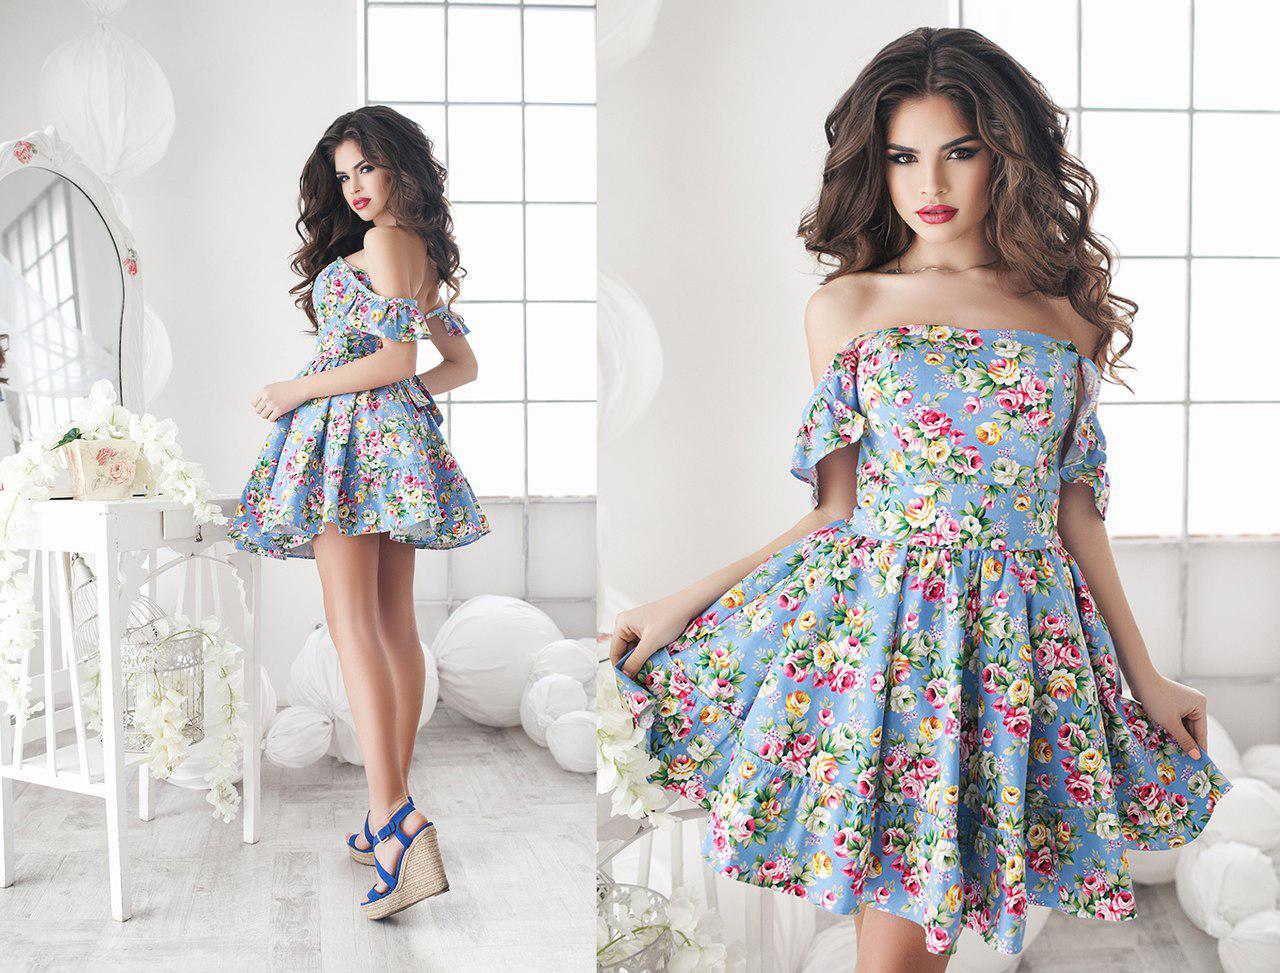 Платье летнее, мини, с пышной юбкой, два цвета, размеры 42,44,46 код 1048Т